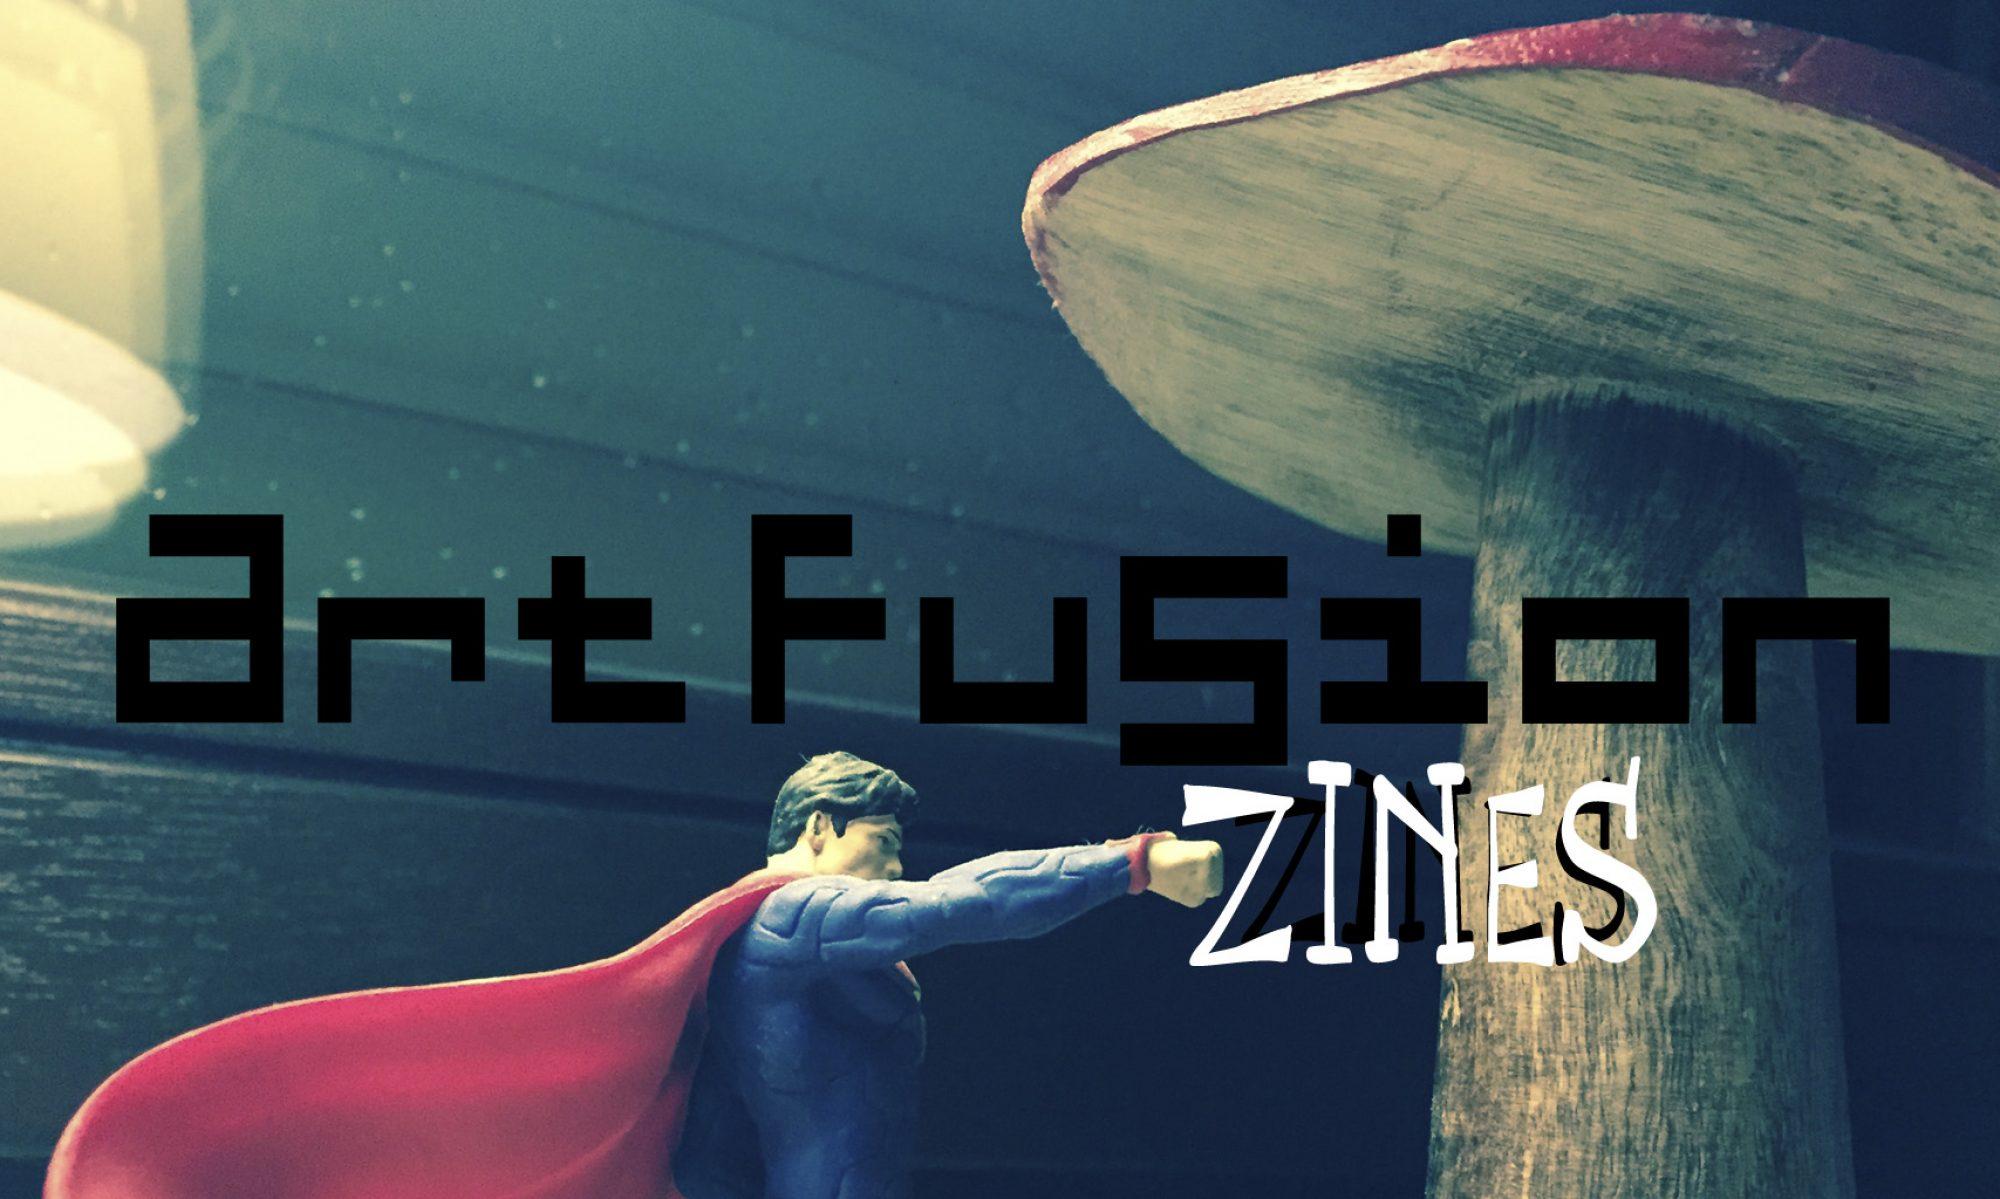 Artfusion Zines